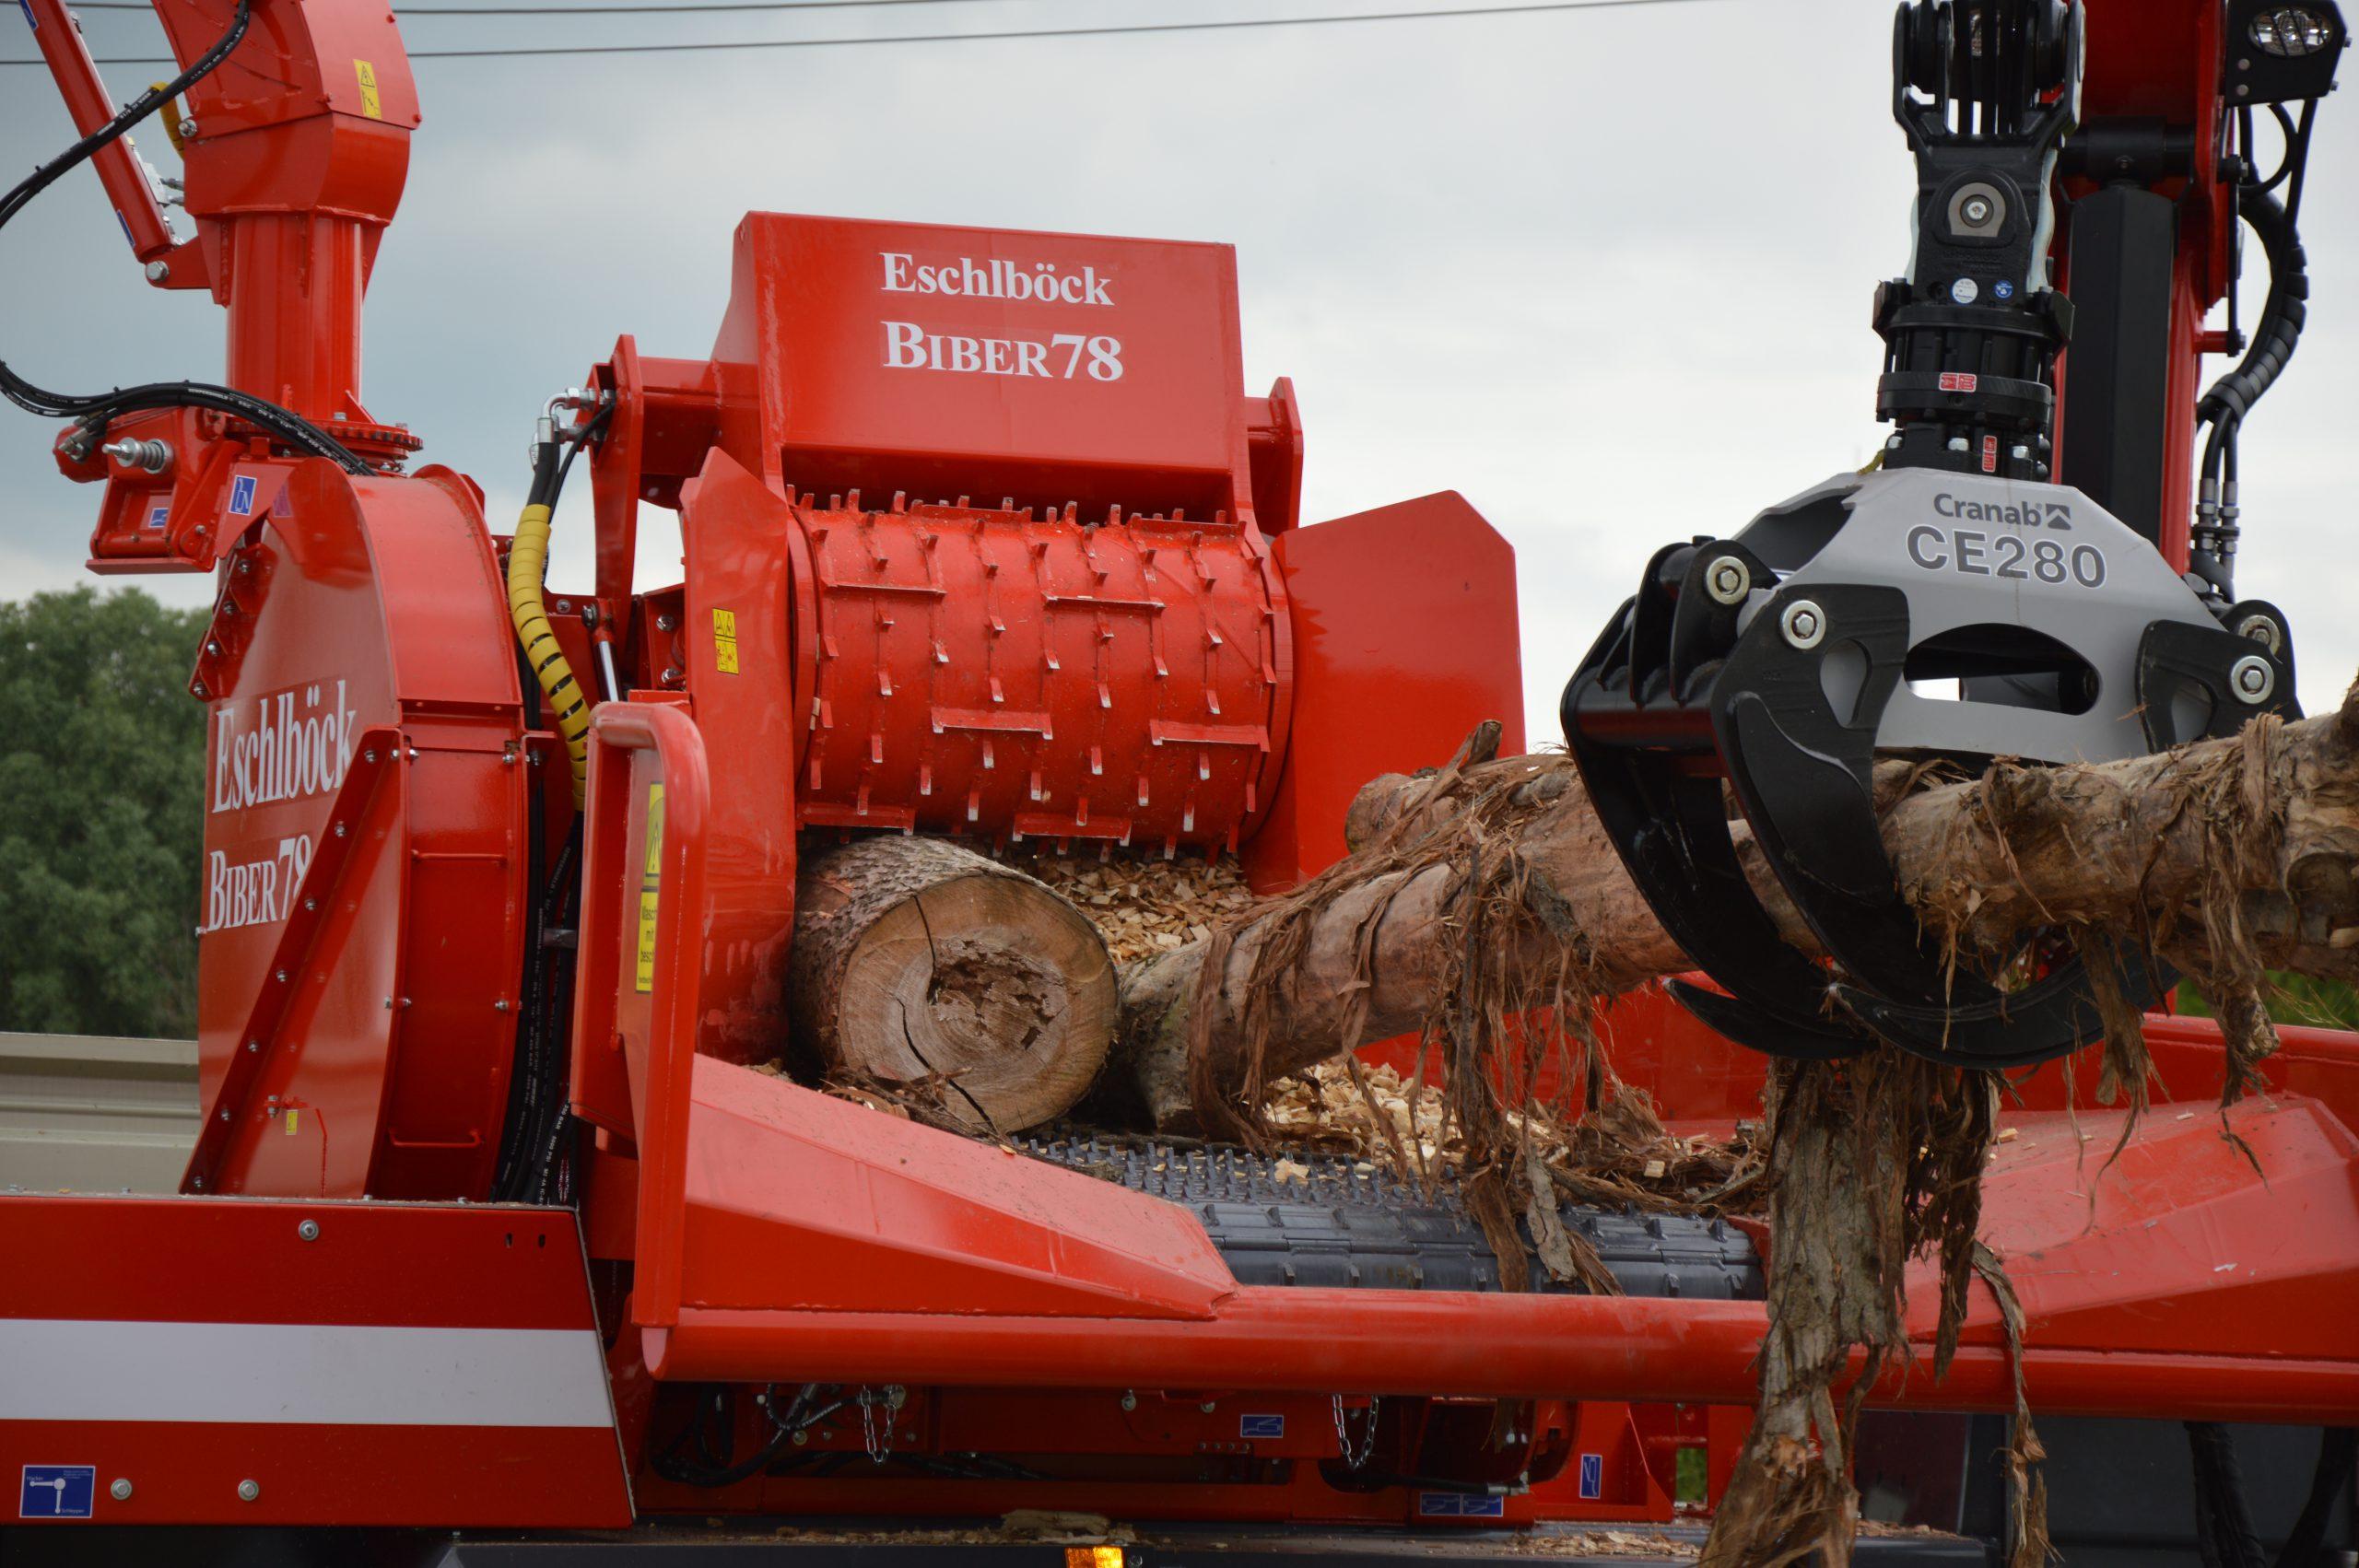 Eschlböck Biber 78 Holzhackmaschine Hackbetrieb Einzug